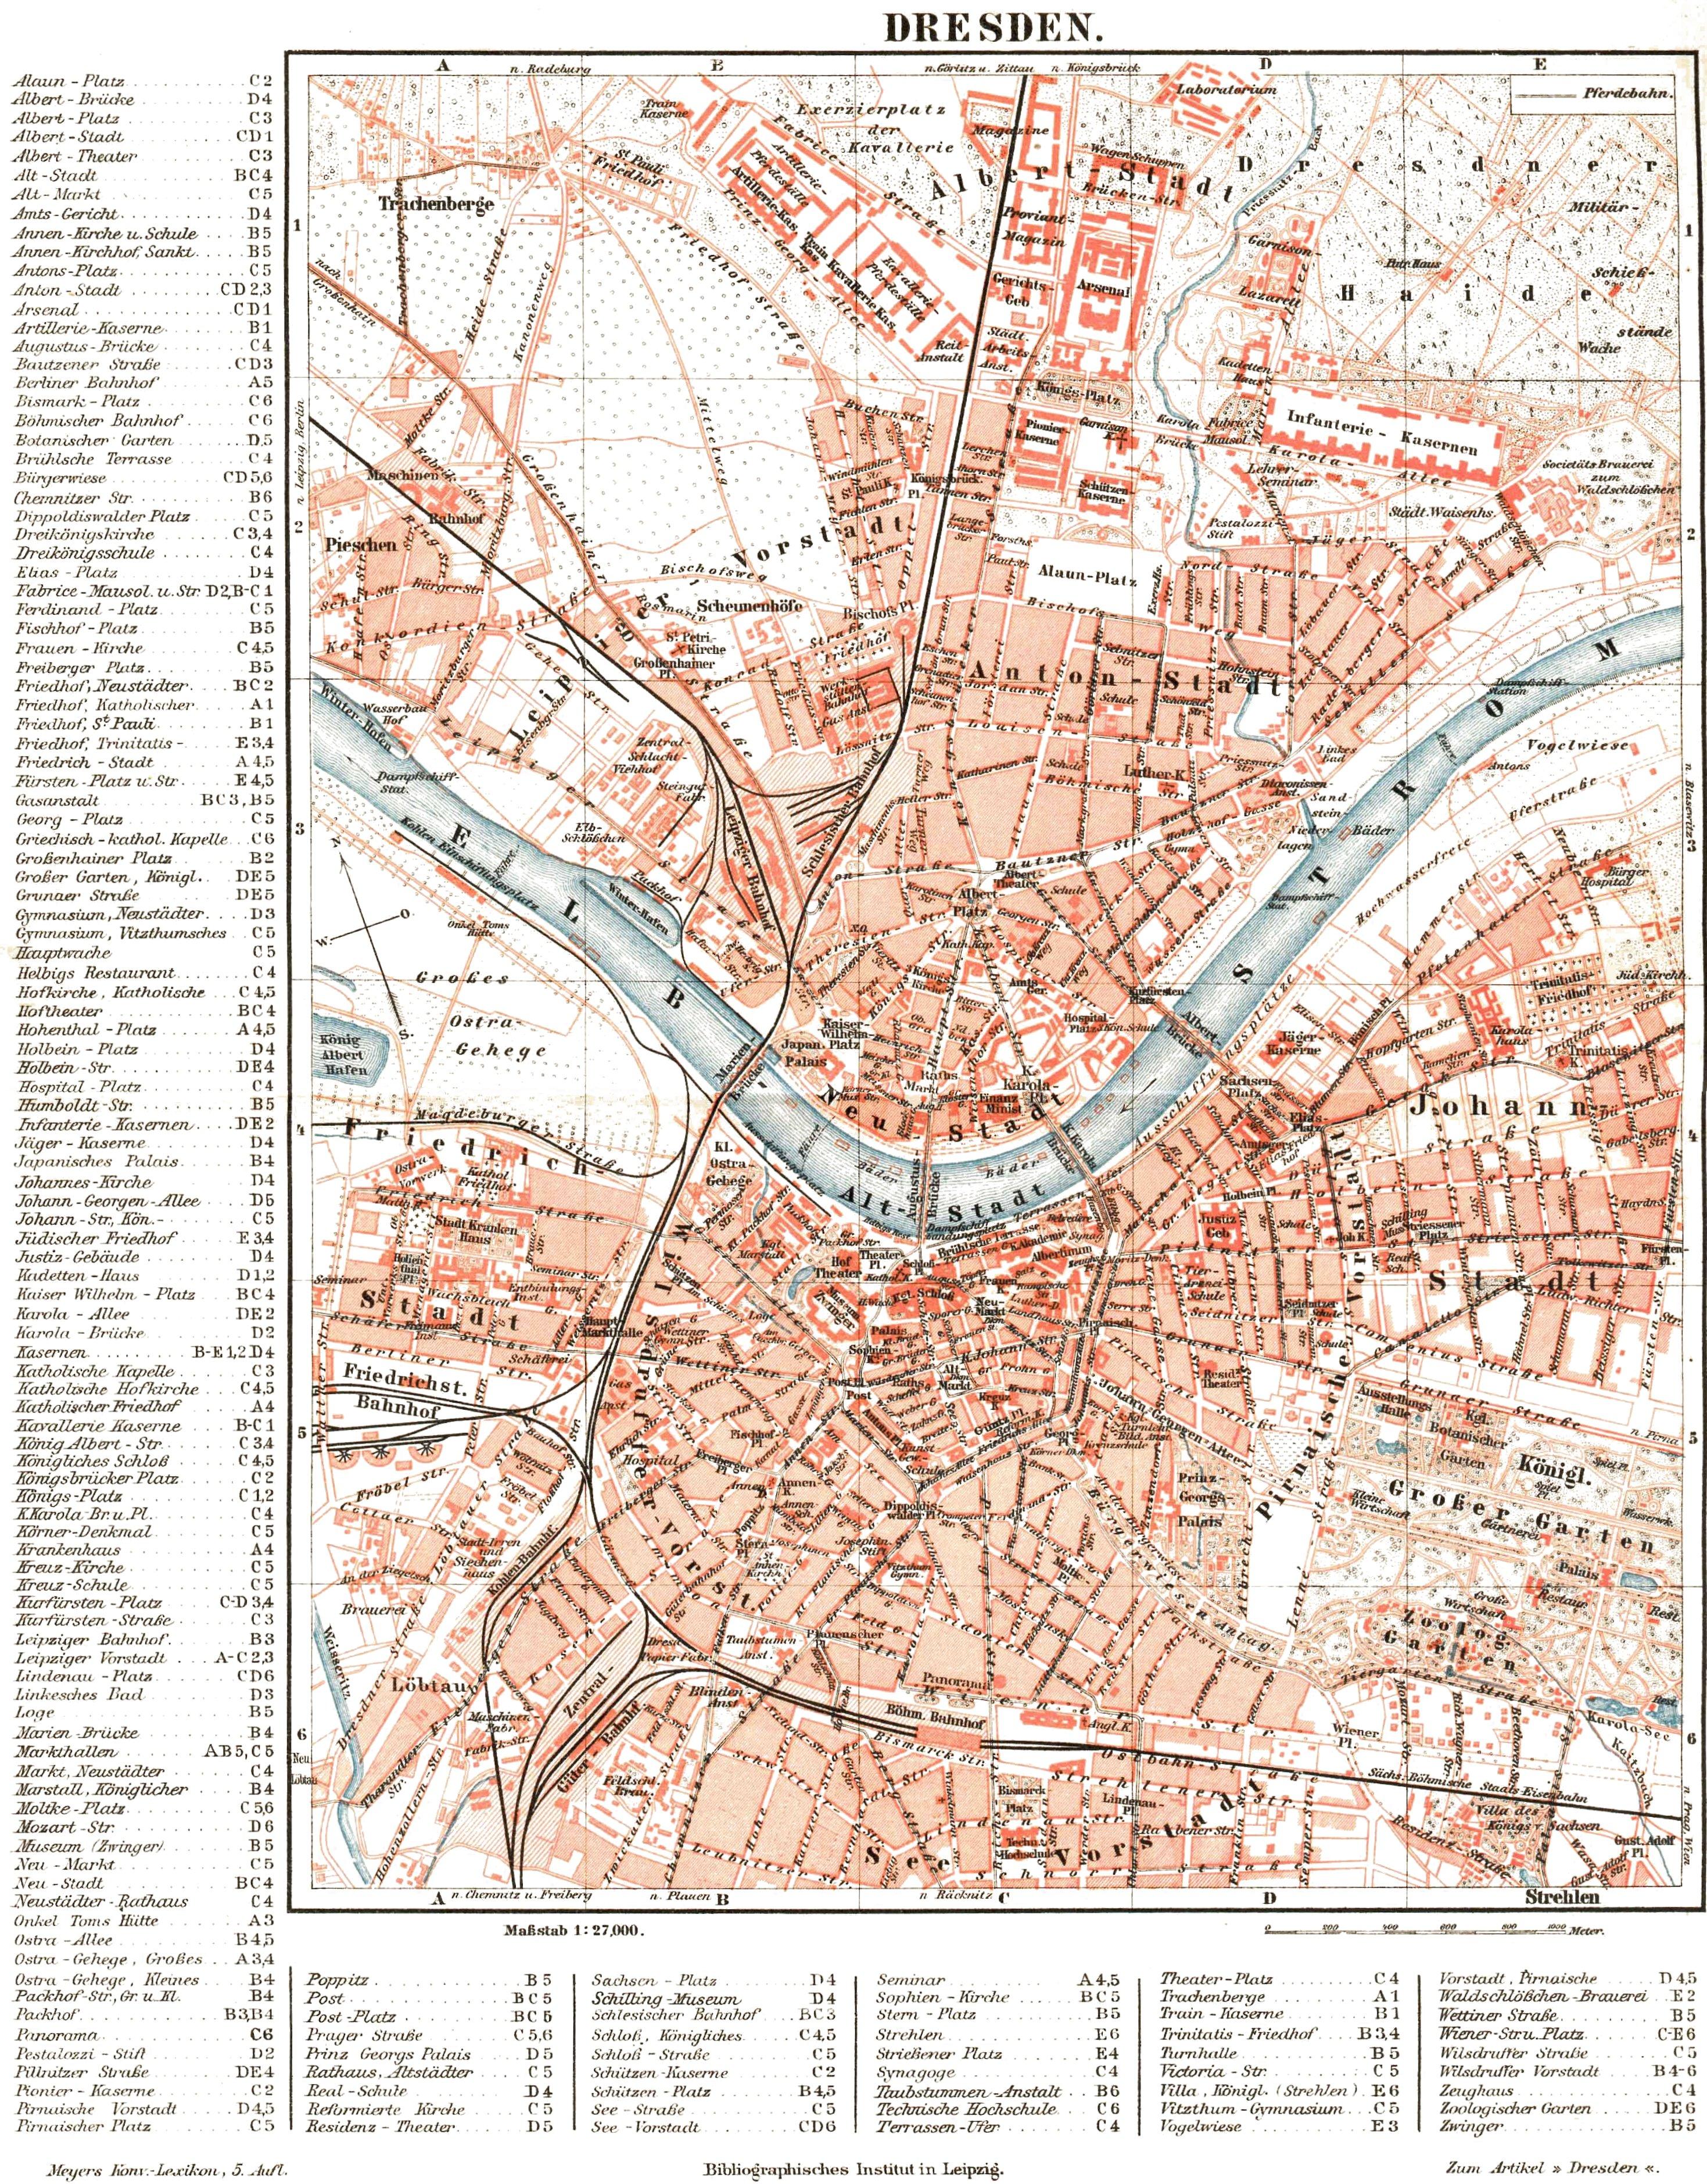 Geschichte des Straßenbahnnetzes Dresden – Wikipedia